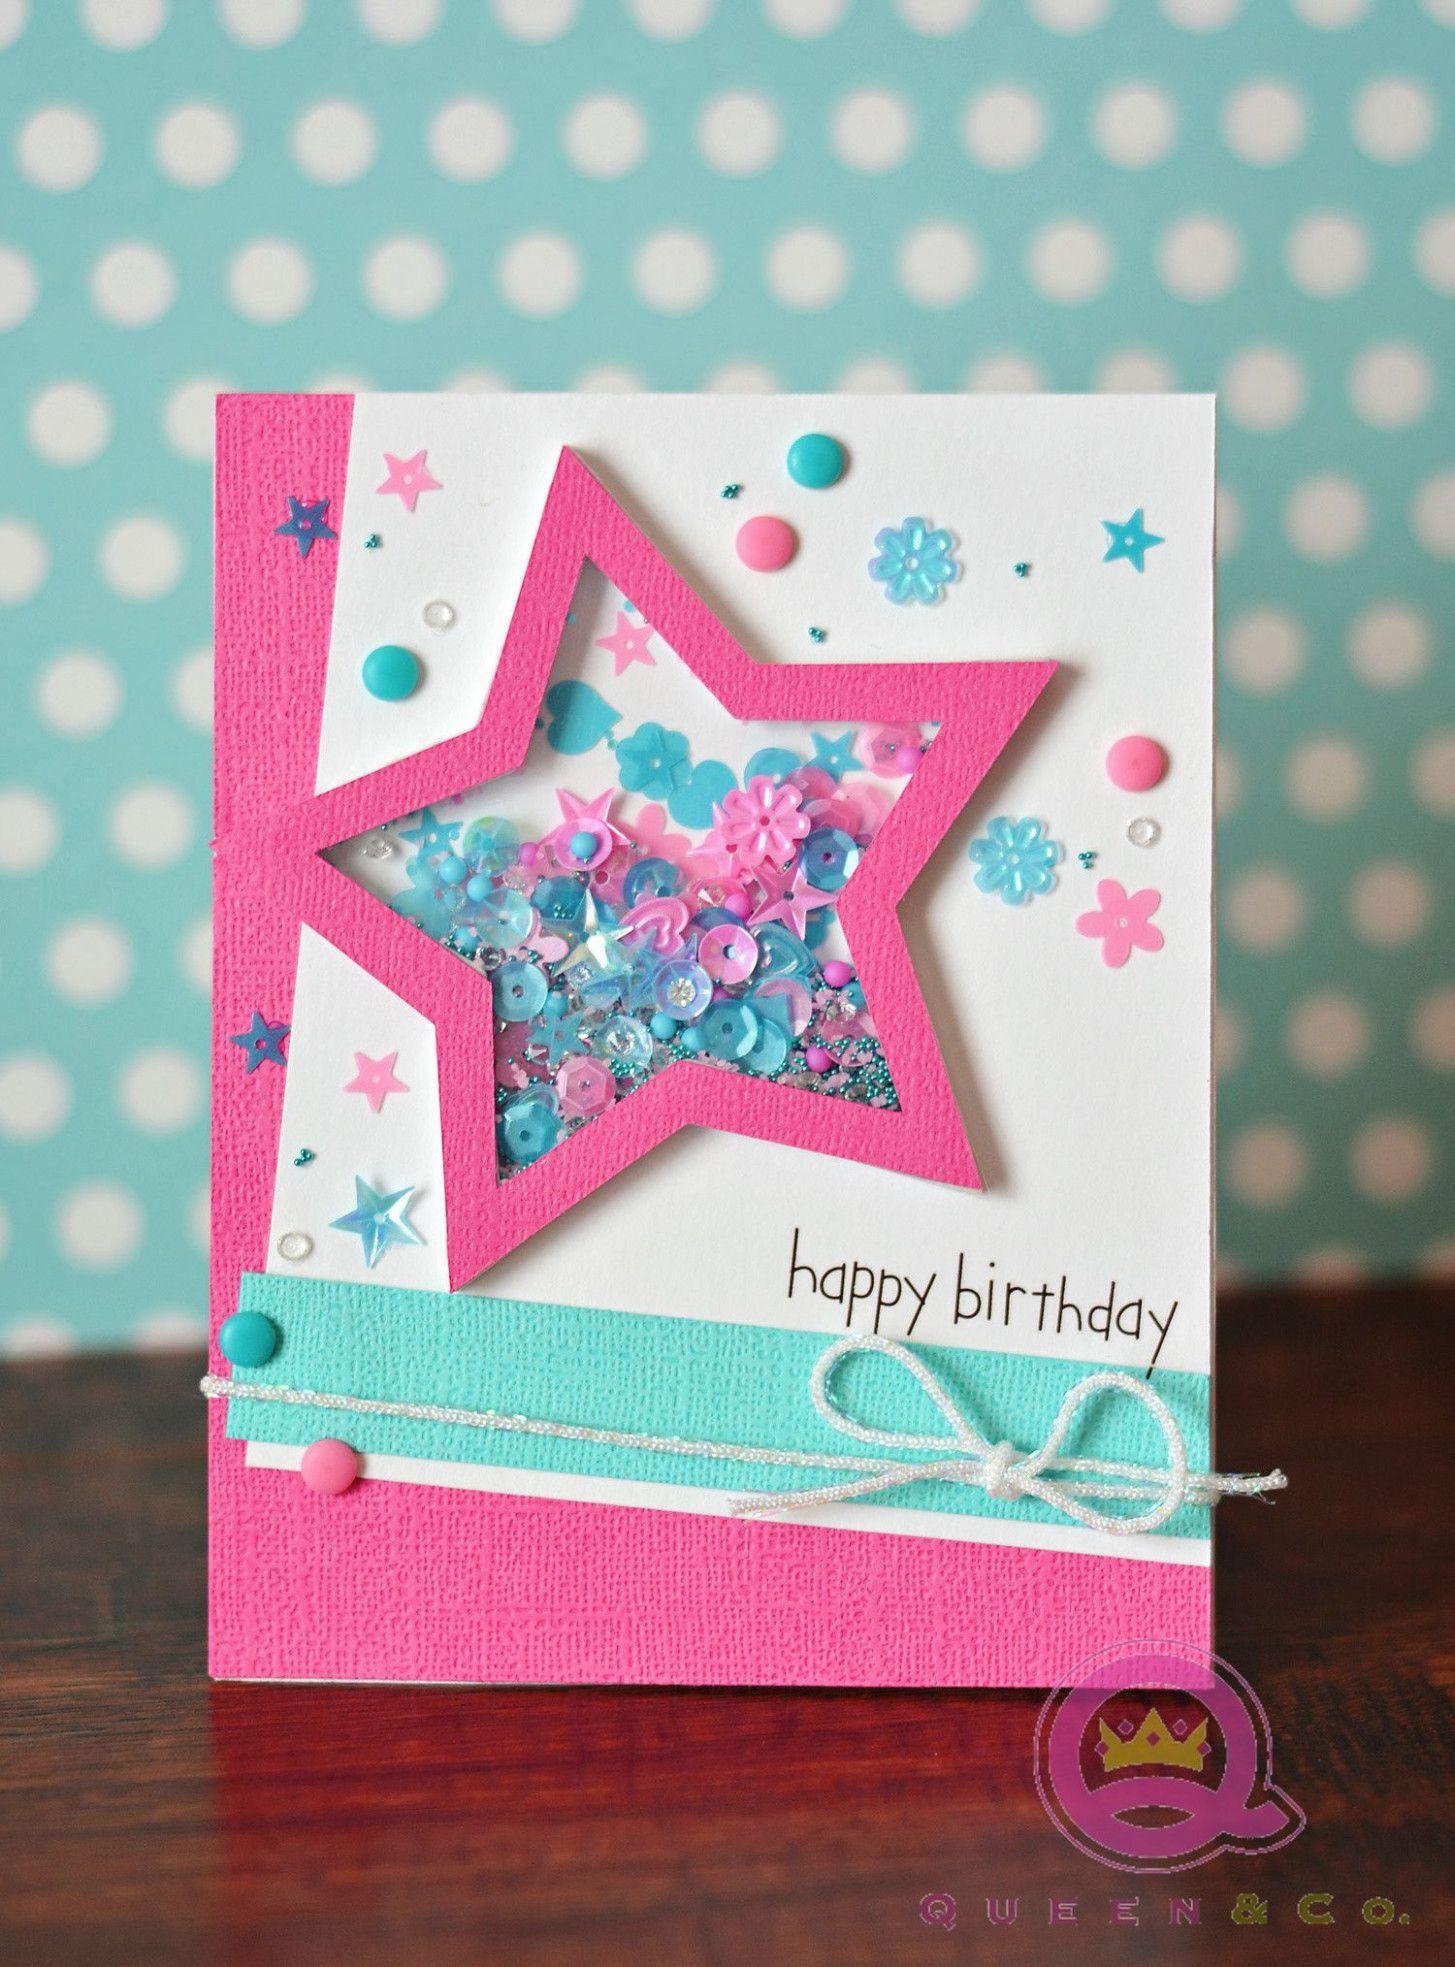 Happy Birthday Card Creator Kartu Ulang Tahun Kreatif Kartu